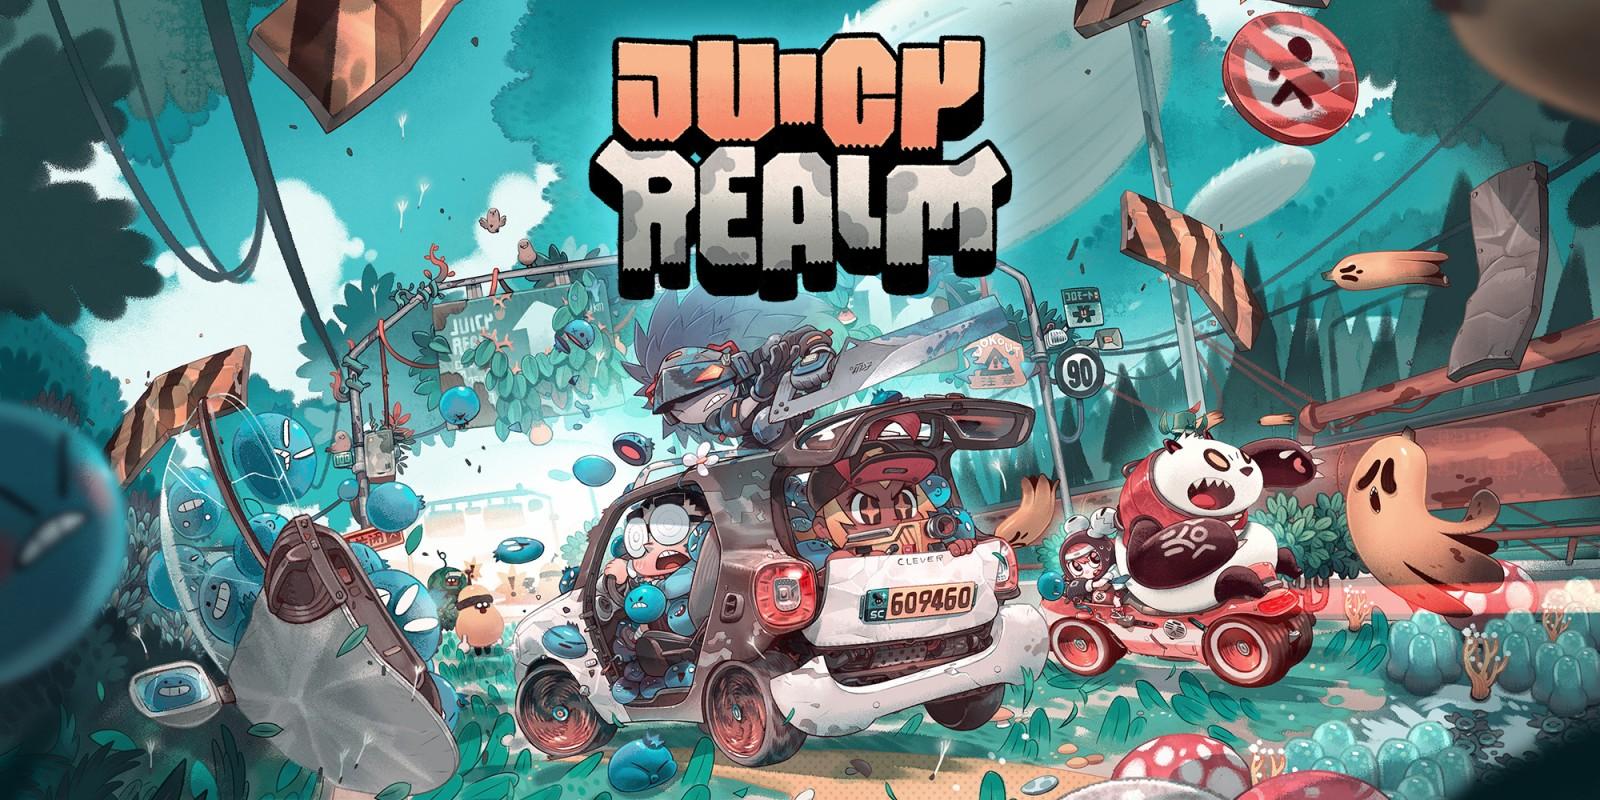 Juicy Realm 1442020 1